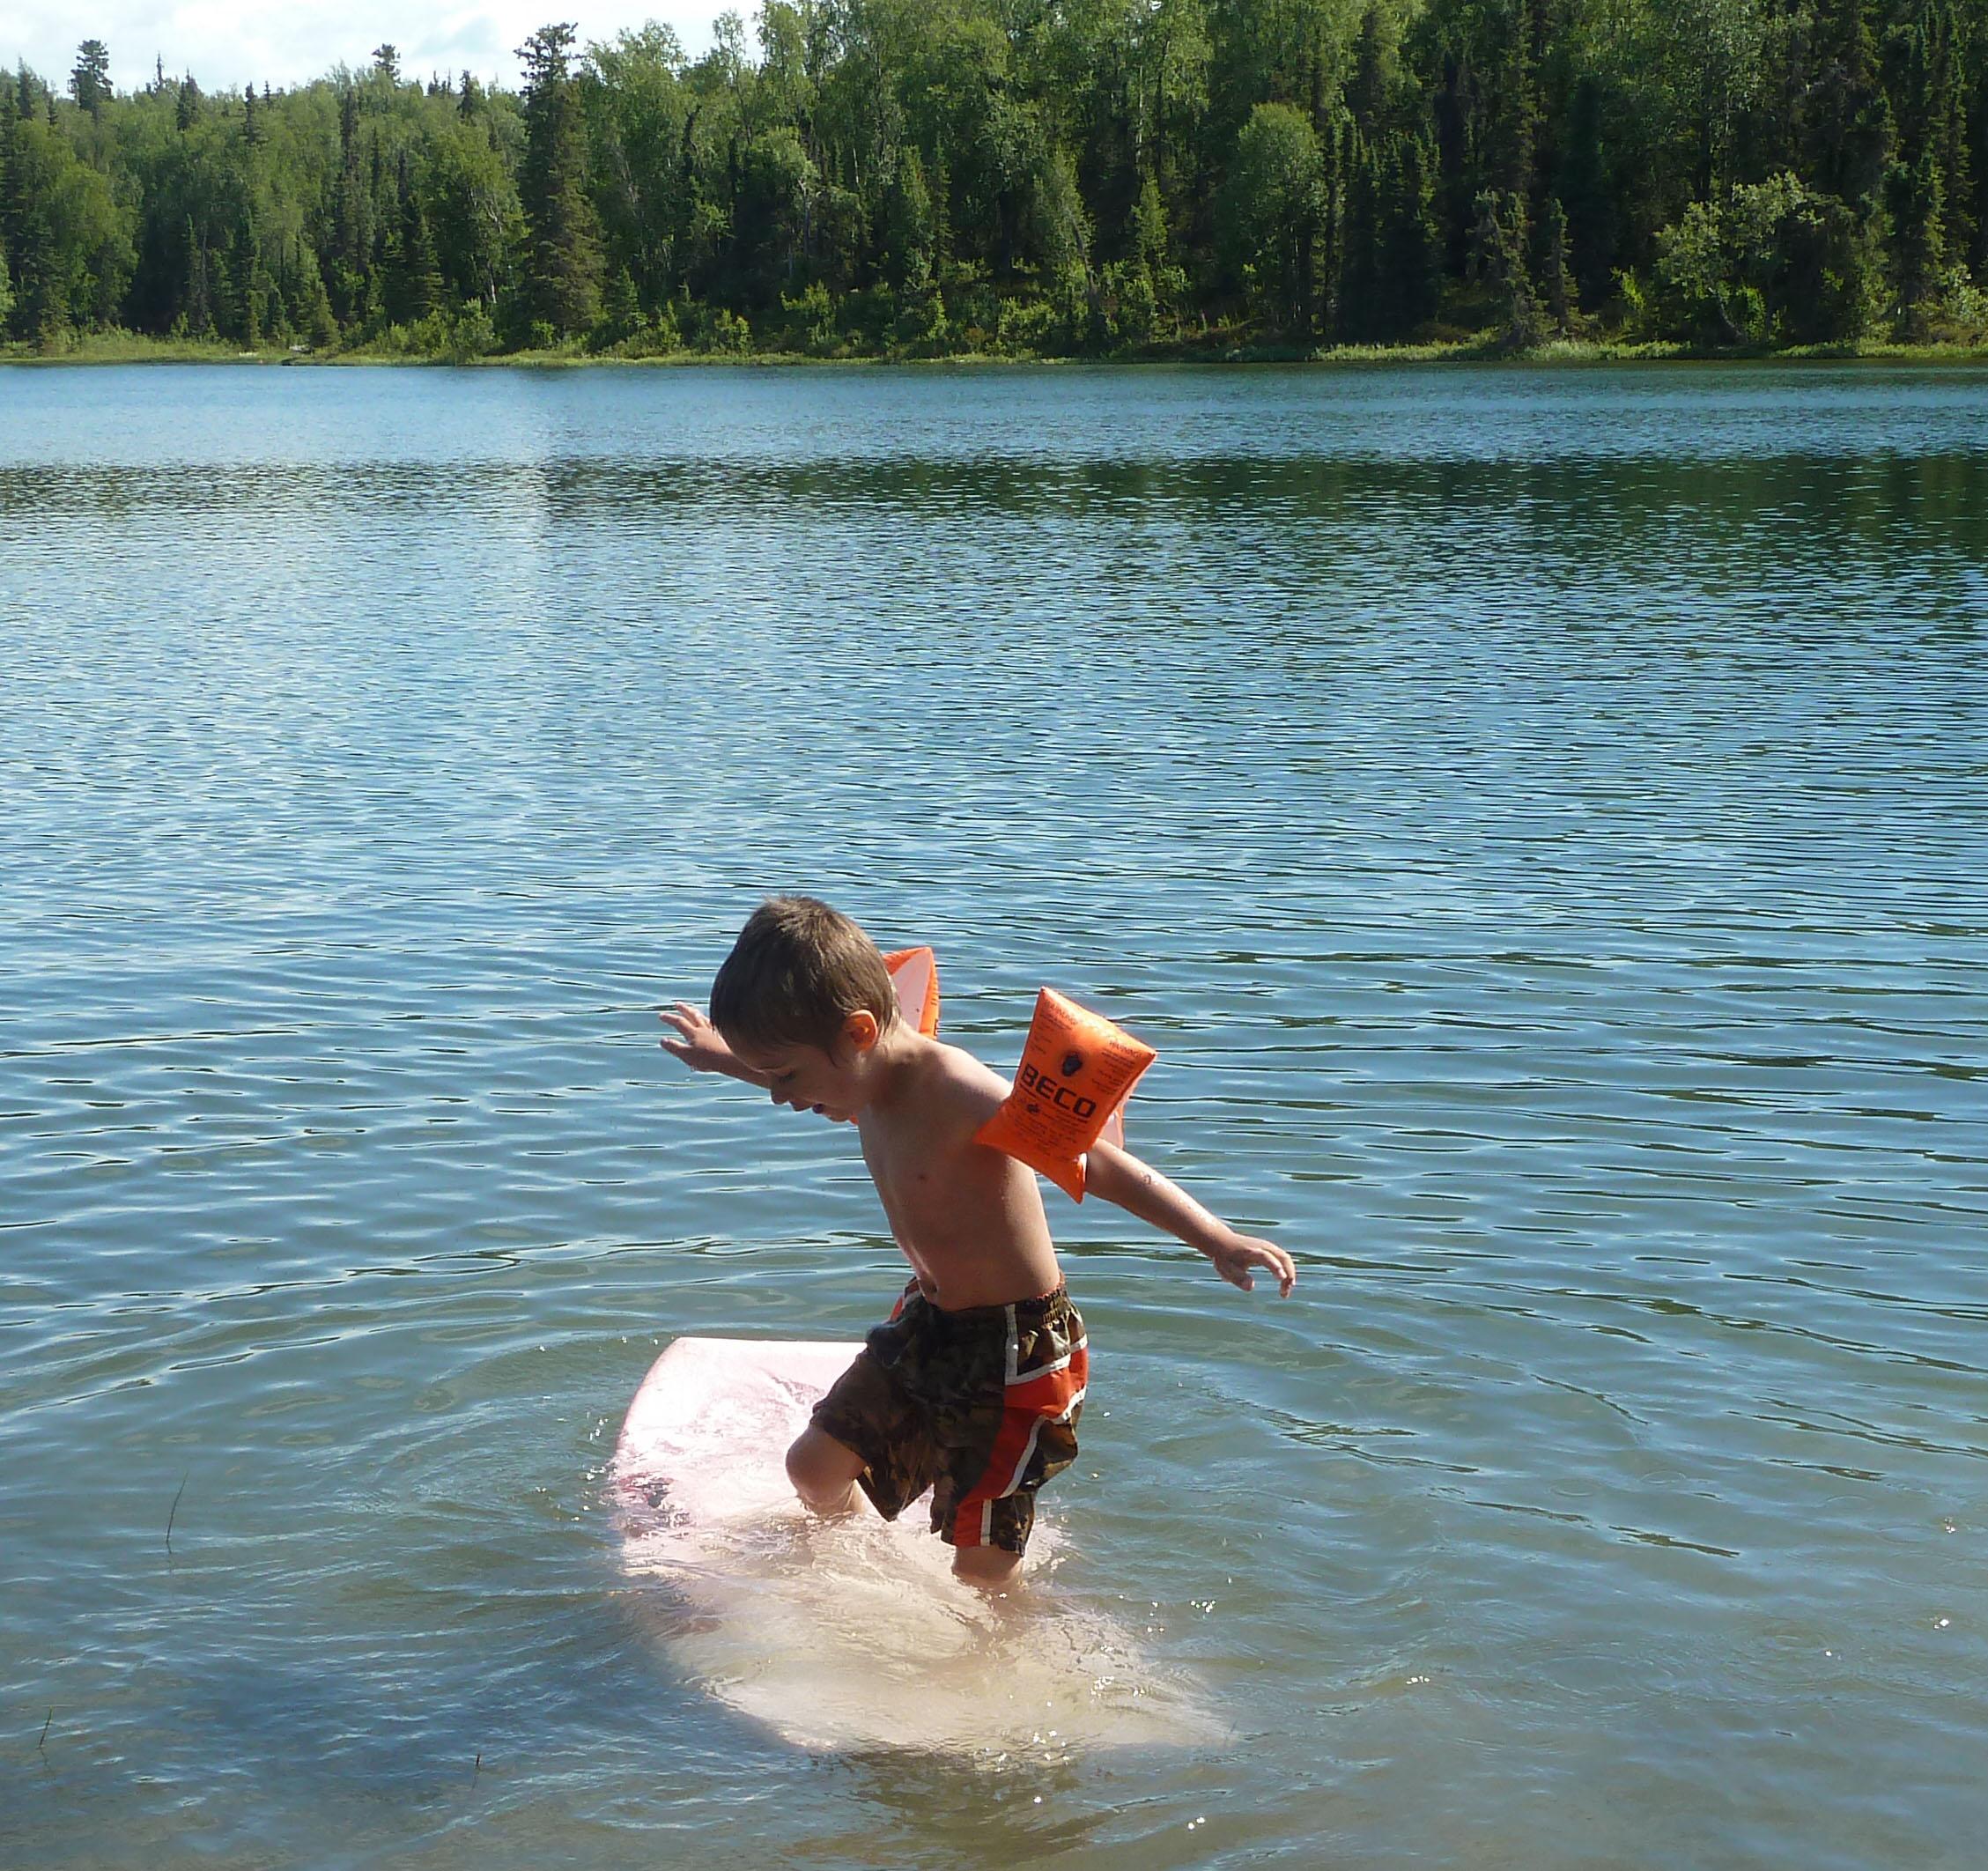 P1190672 Surfing